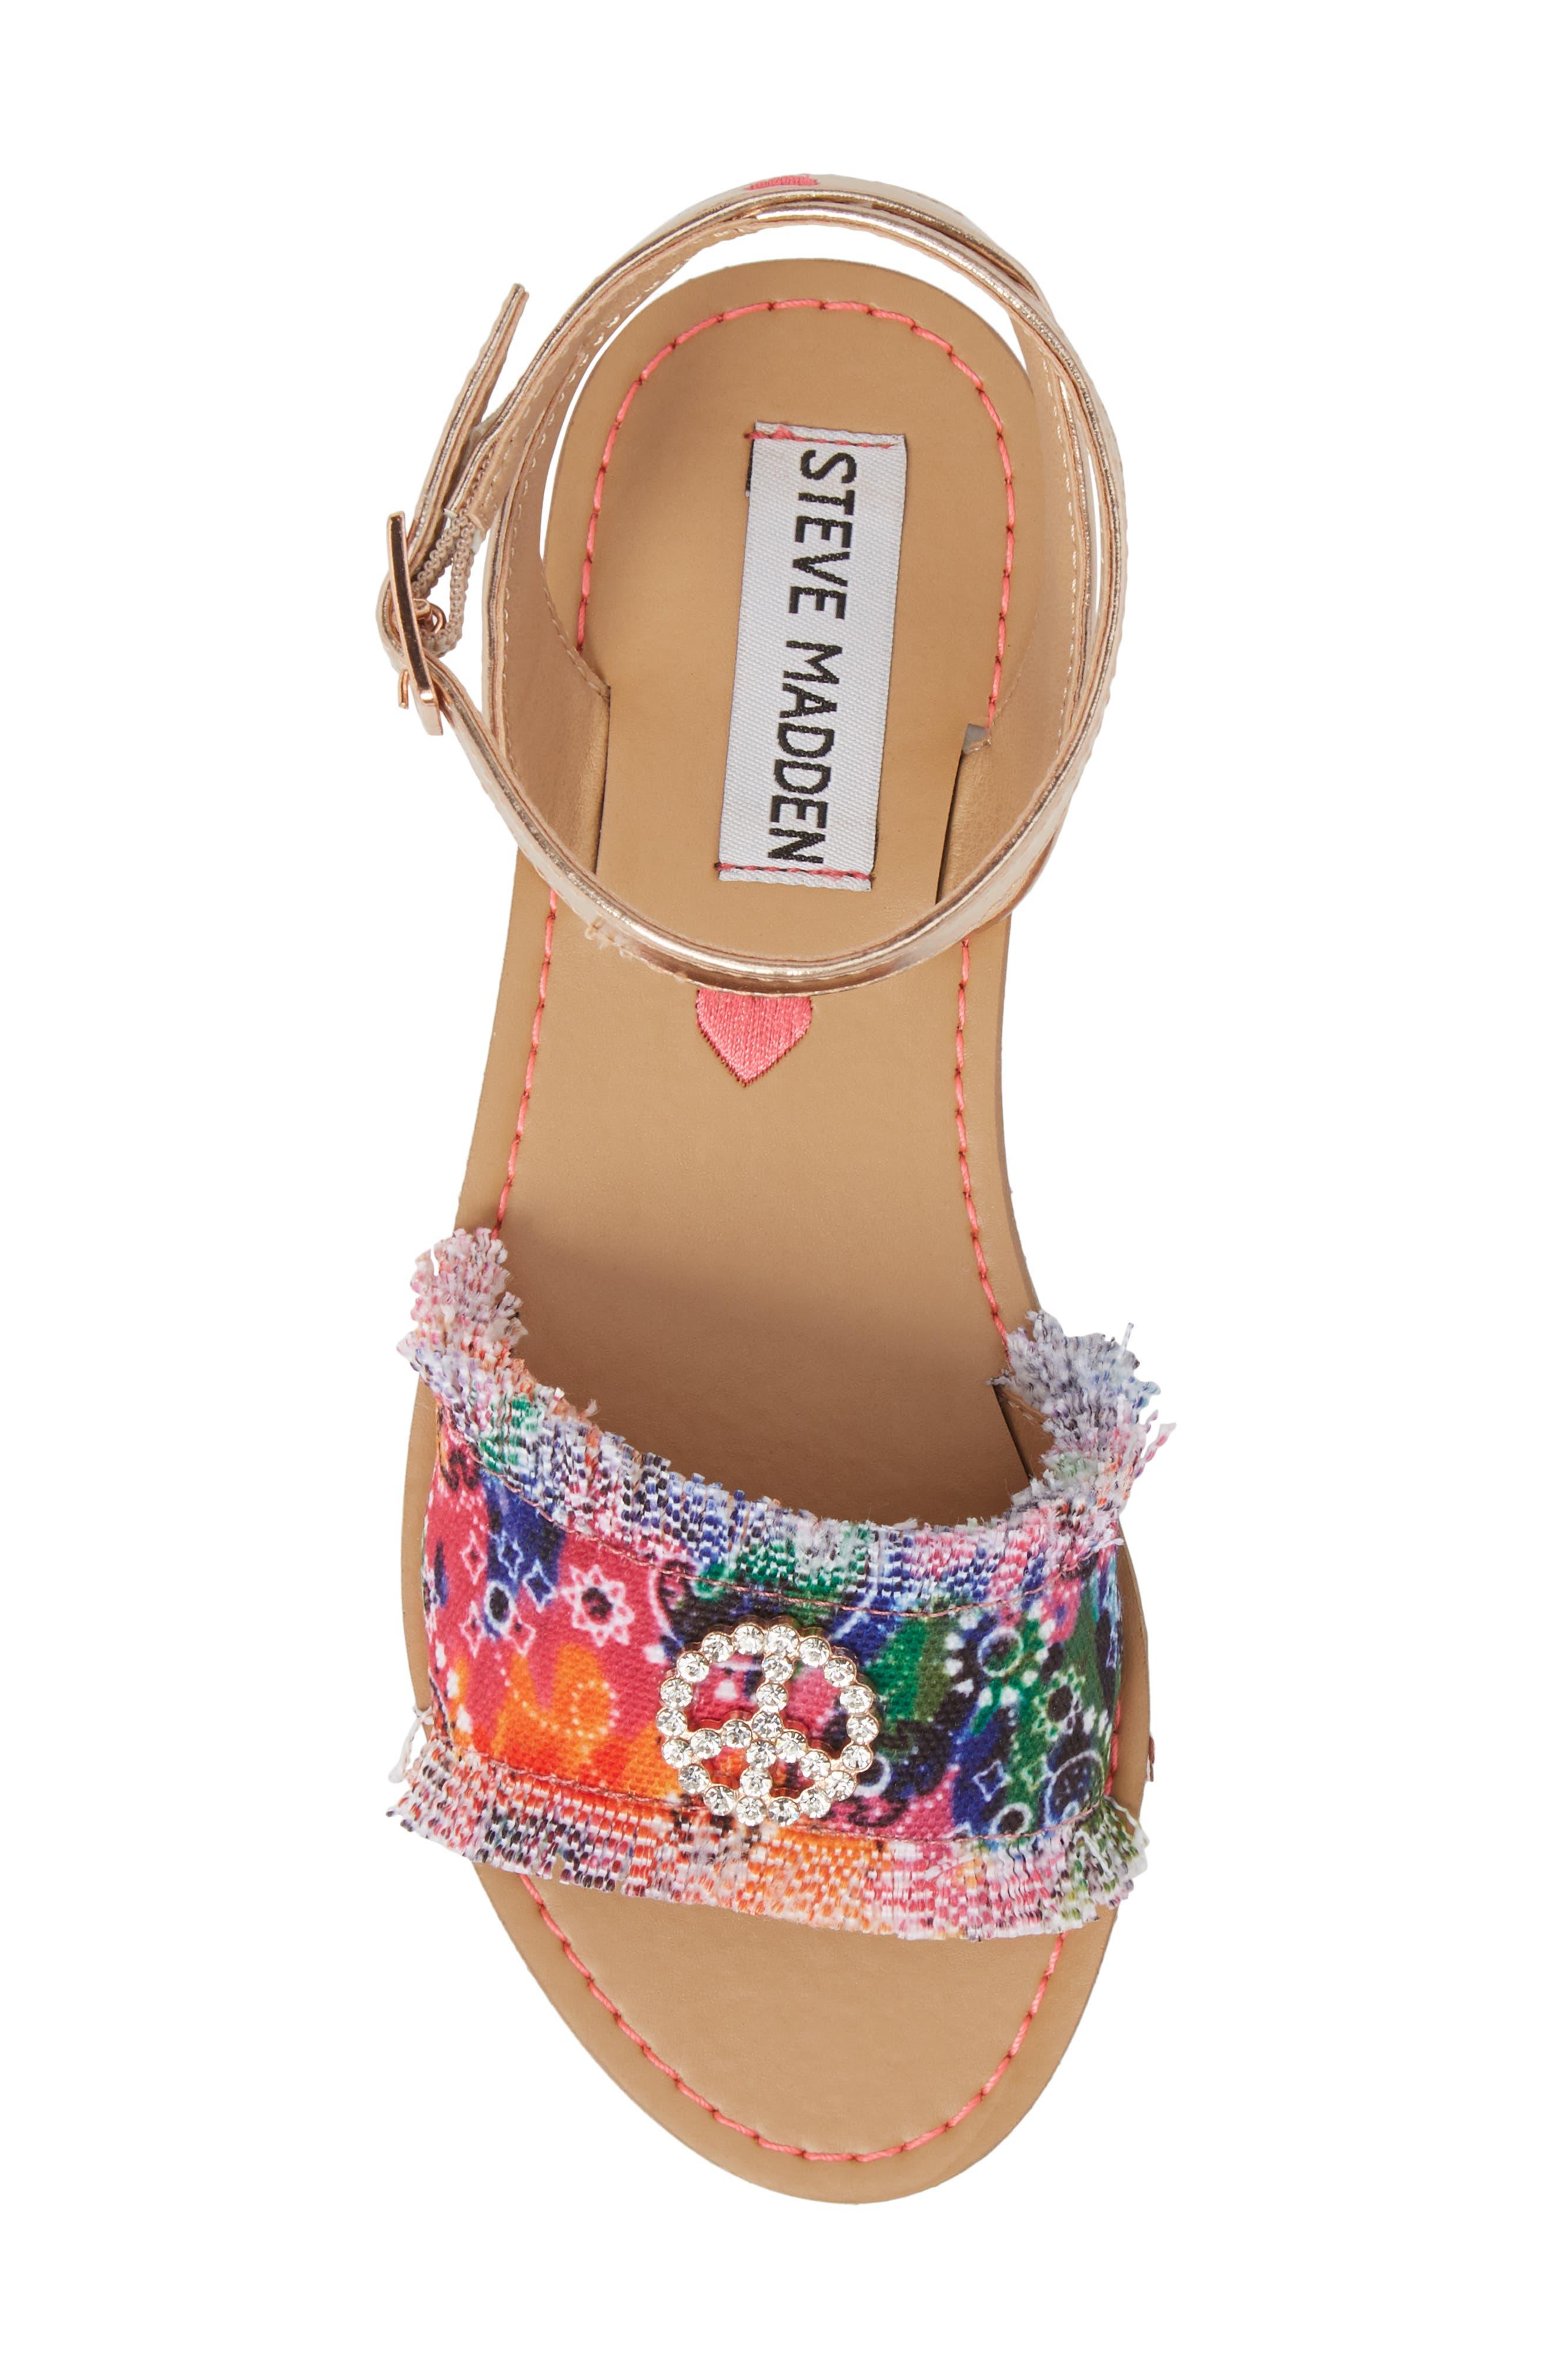 JVILLA Ankle Strap Sandal,                             Alternate thumbnail 5, color,                             Tie Dye